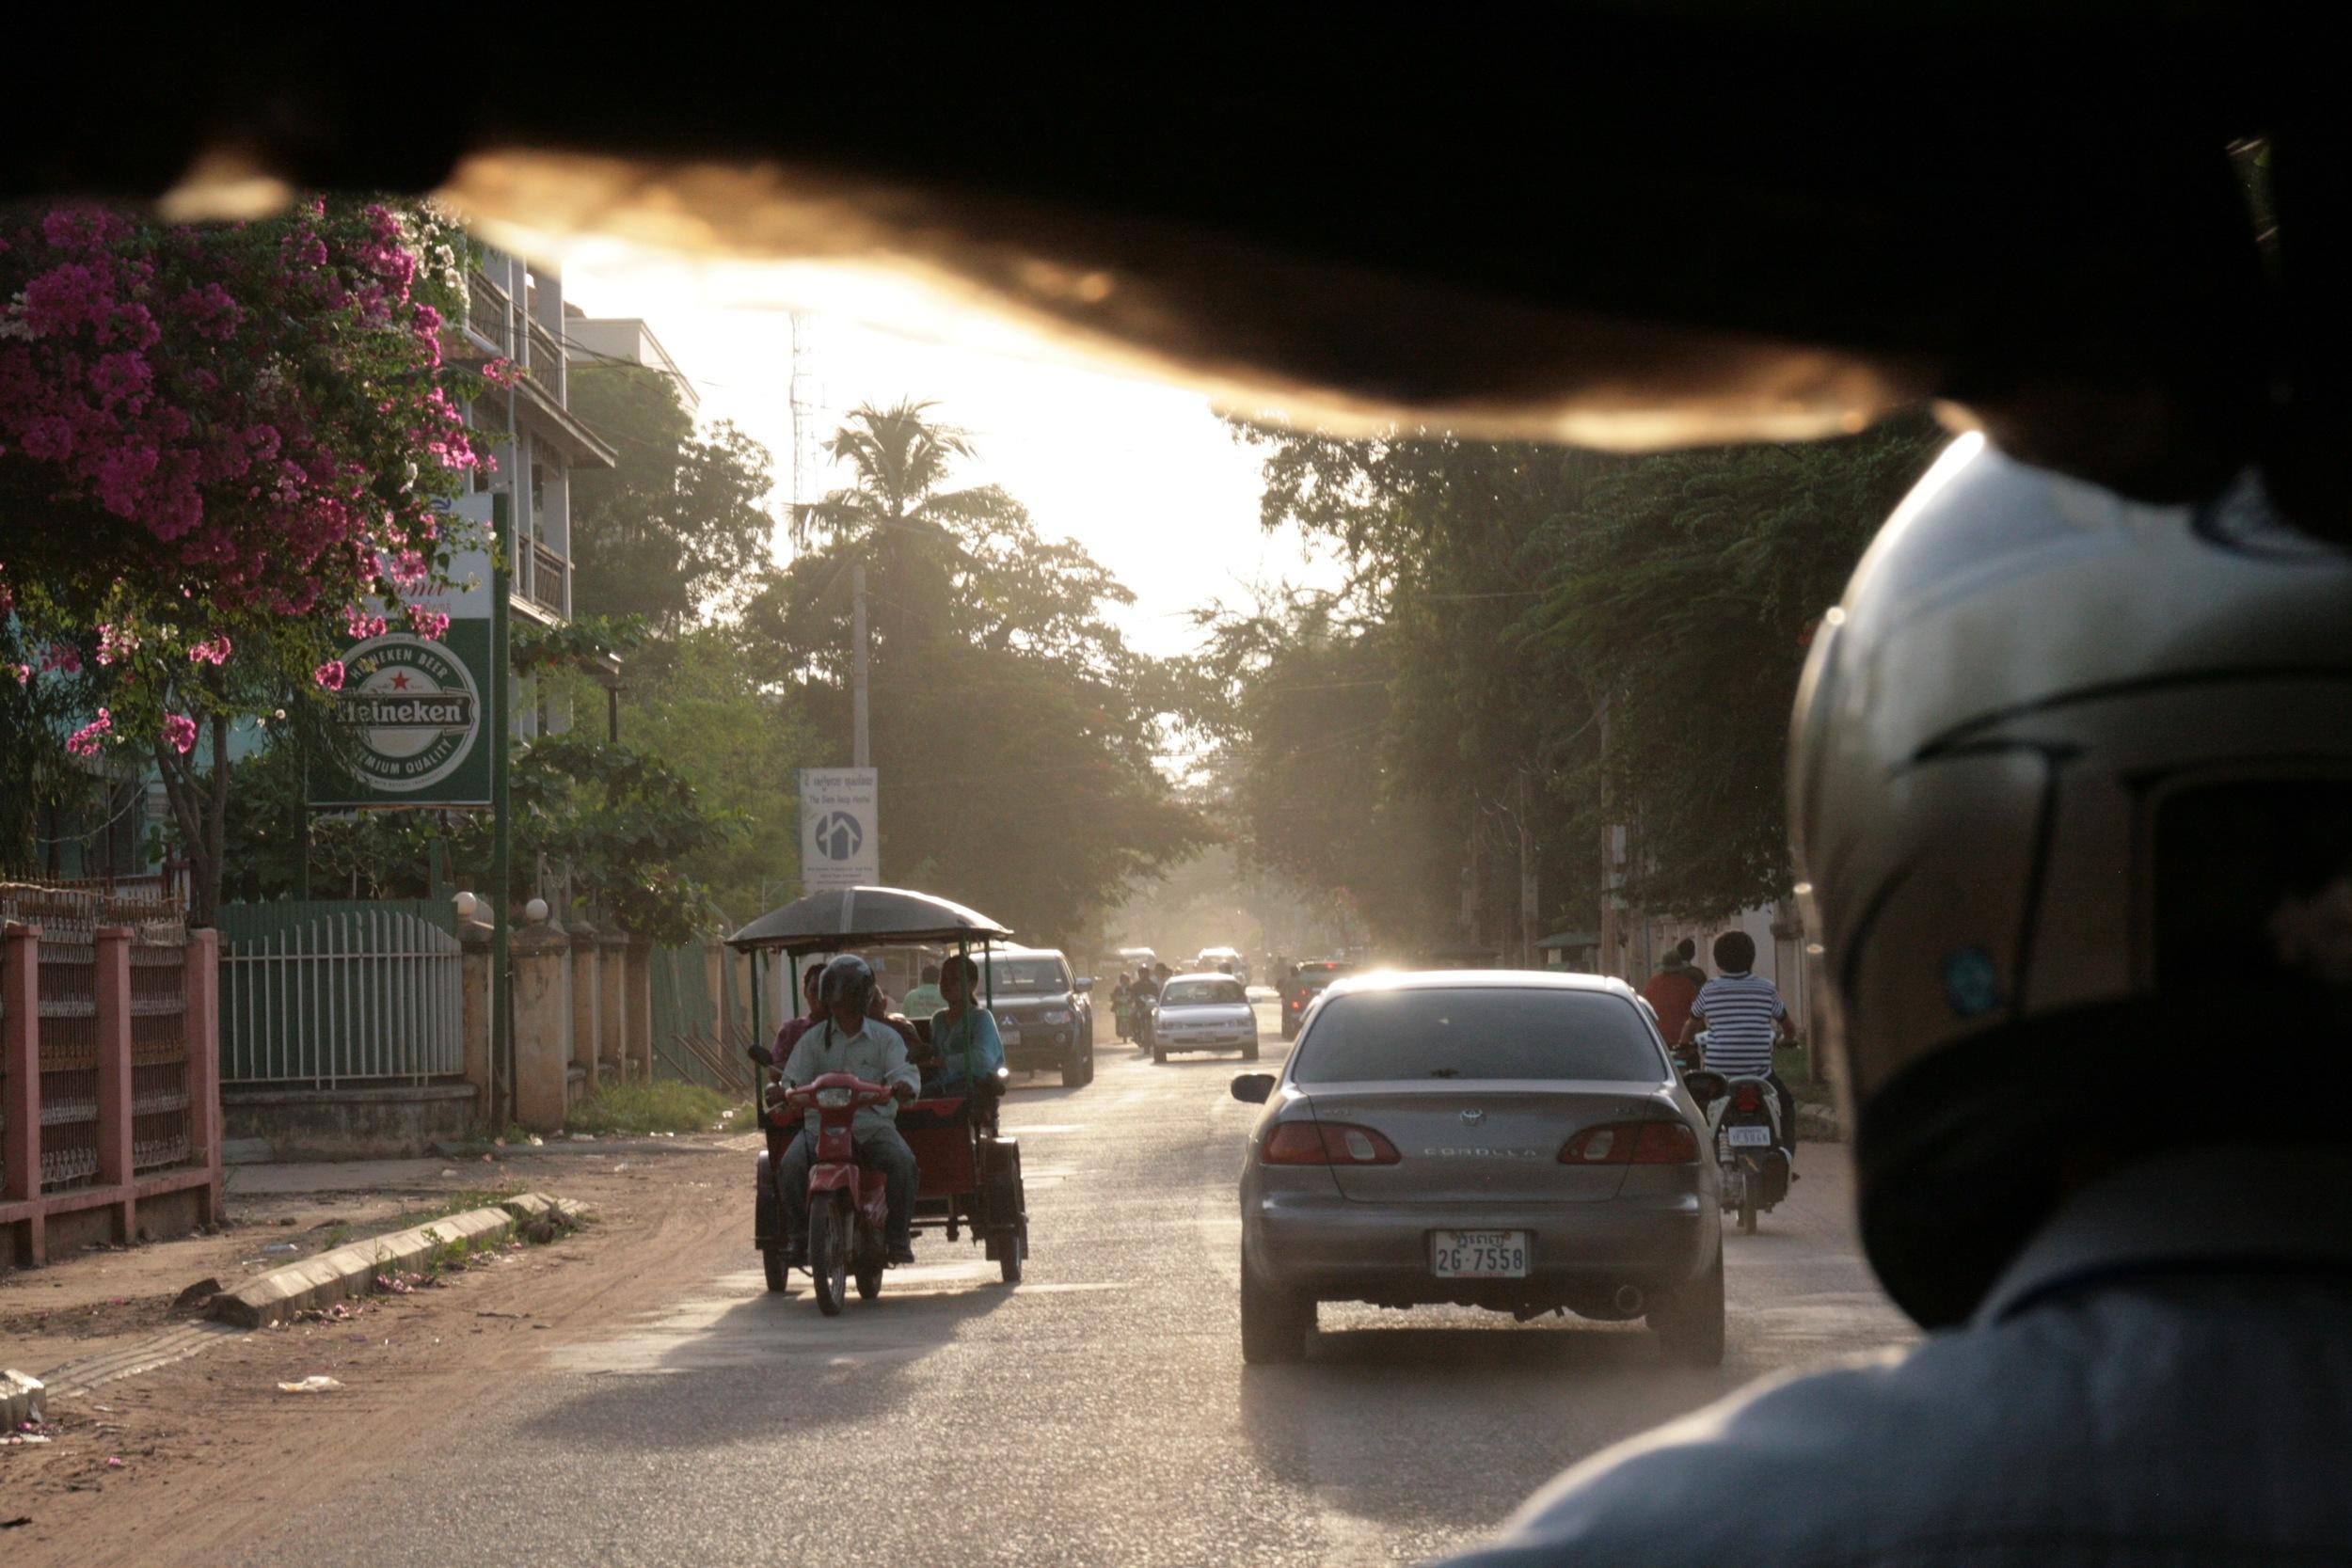 tuk-tuks in Cambodia